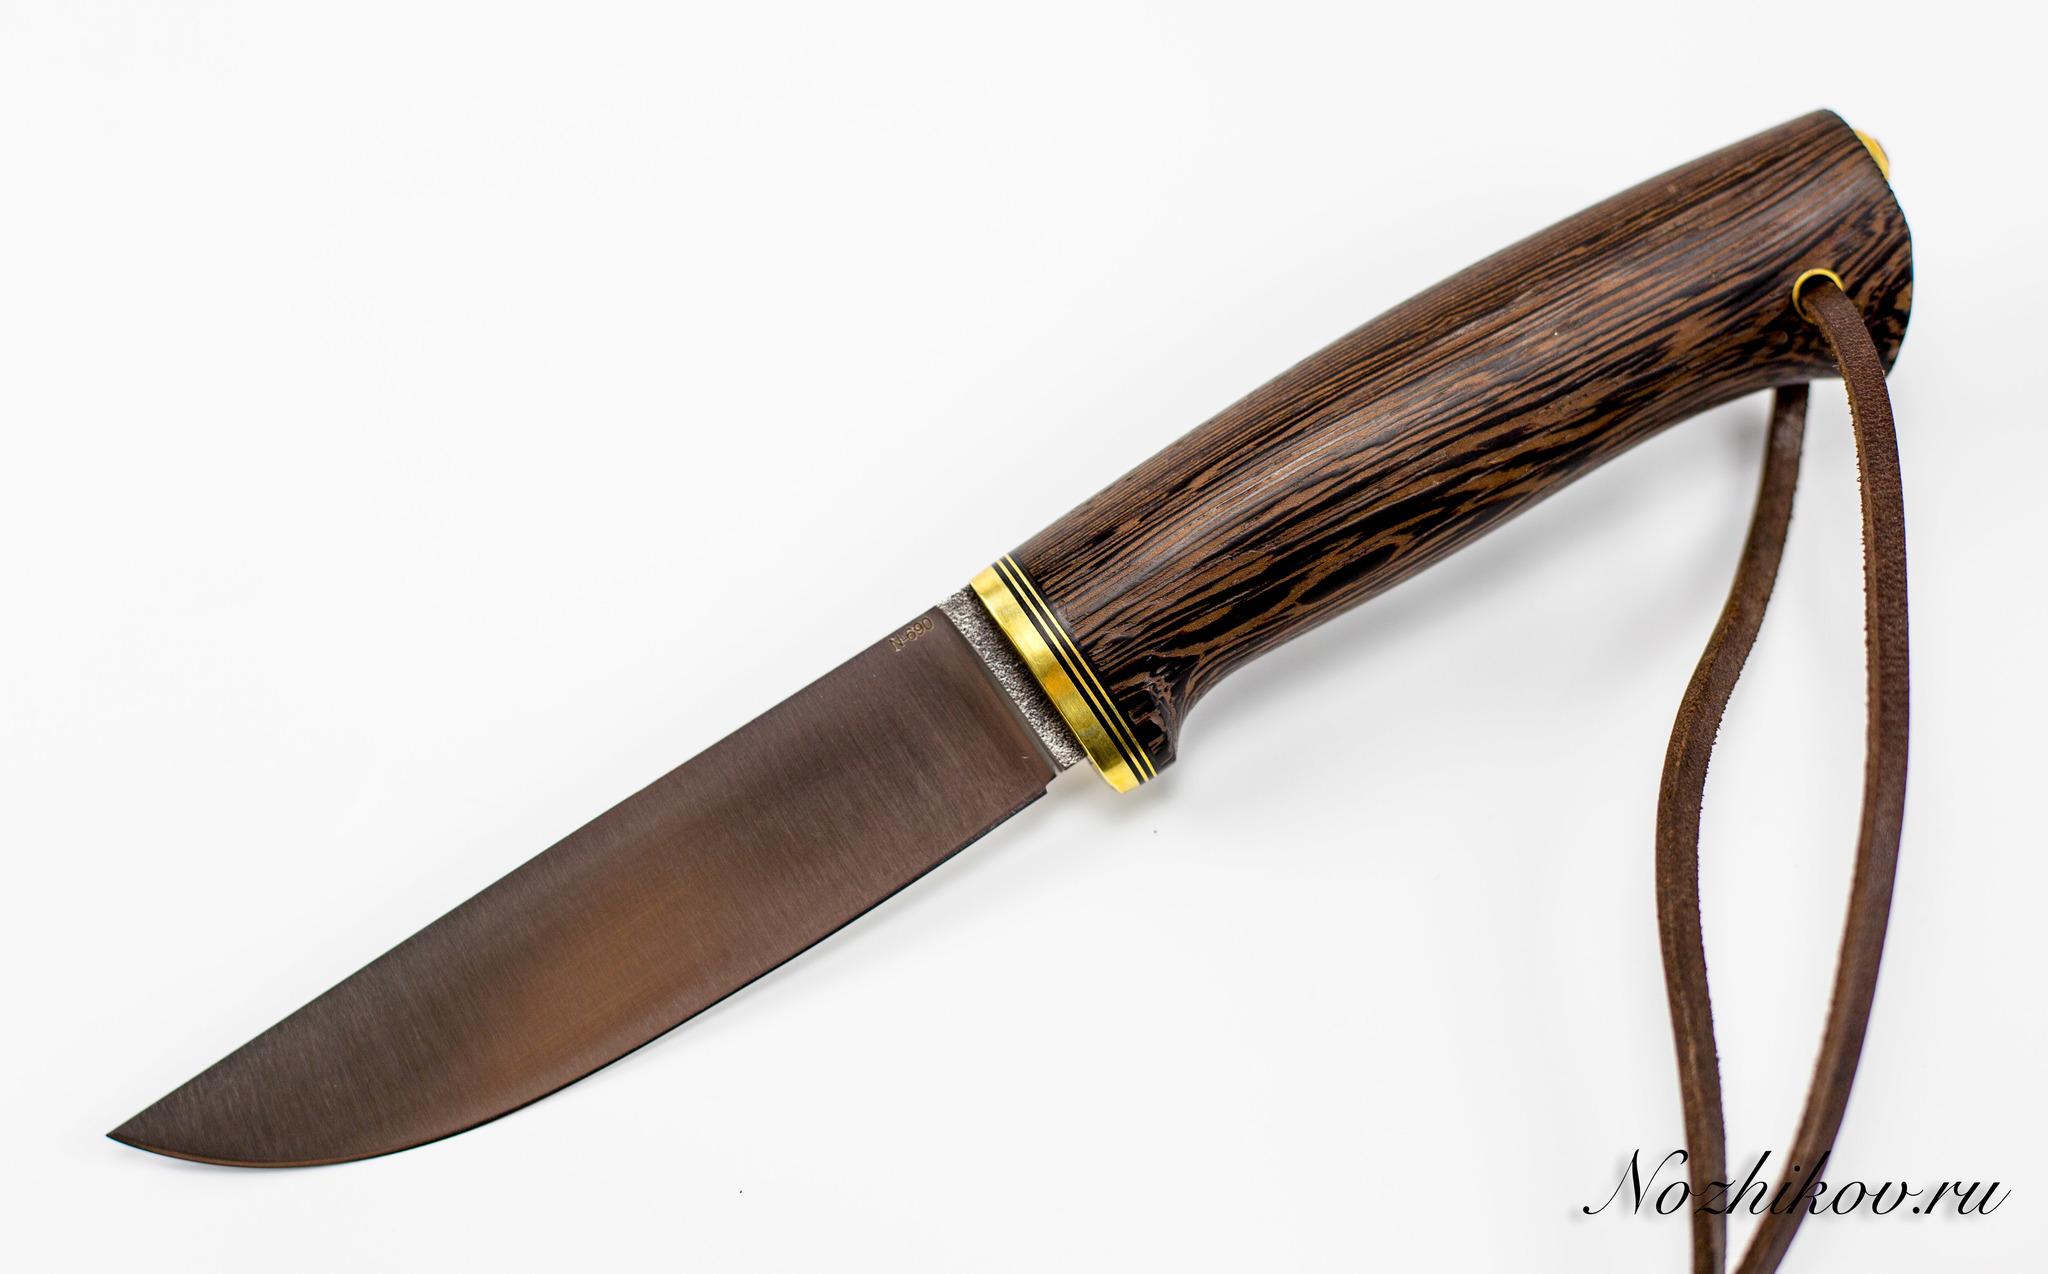 Нож Лиман, сталь N-690, венге, цельный хвостовик нож страйт сталь 65х13